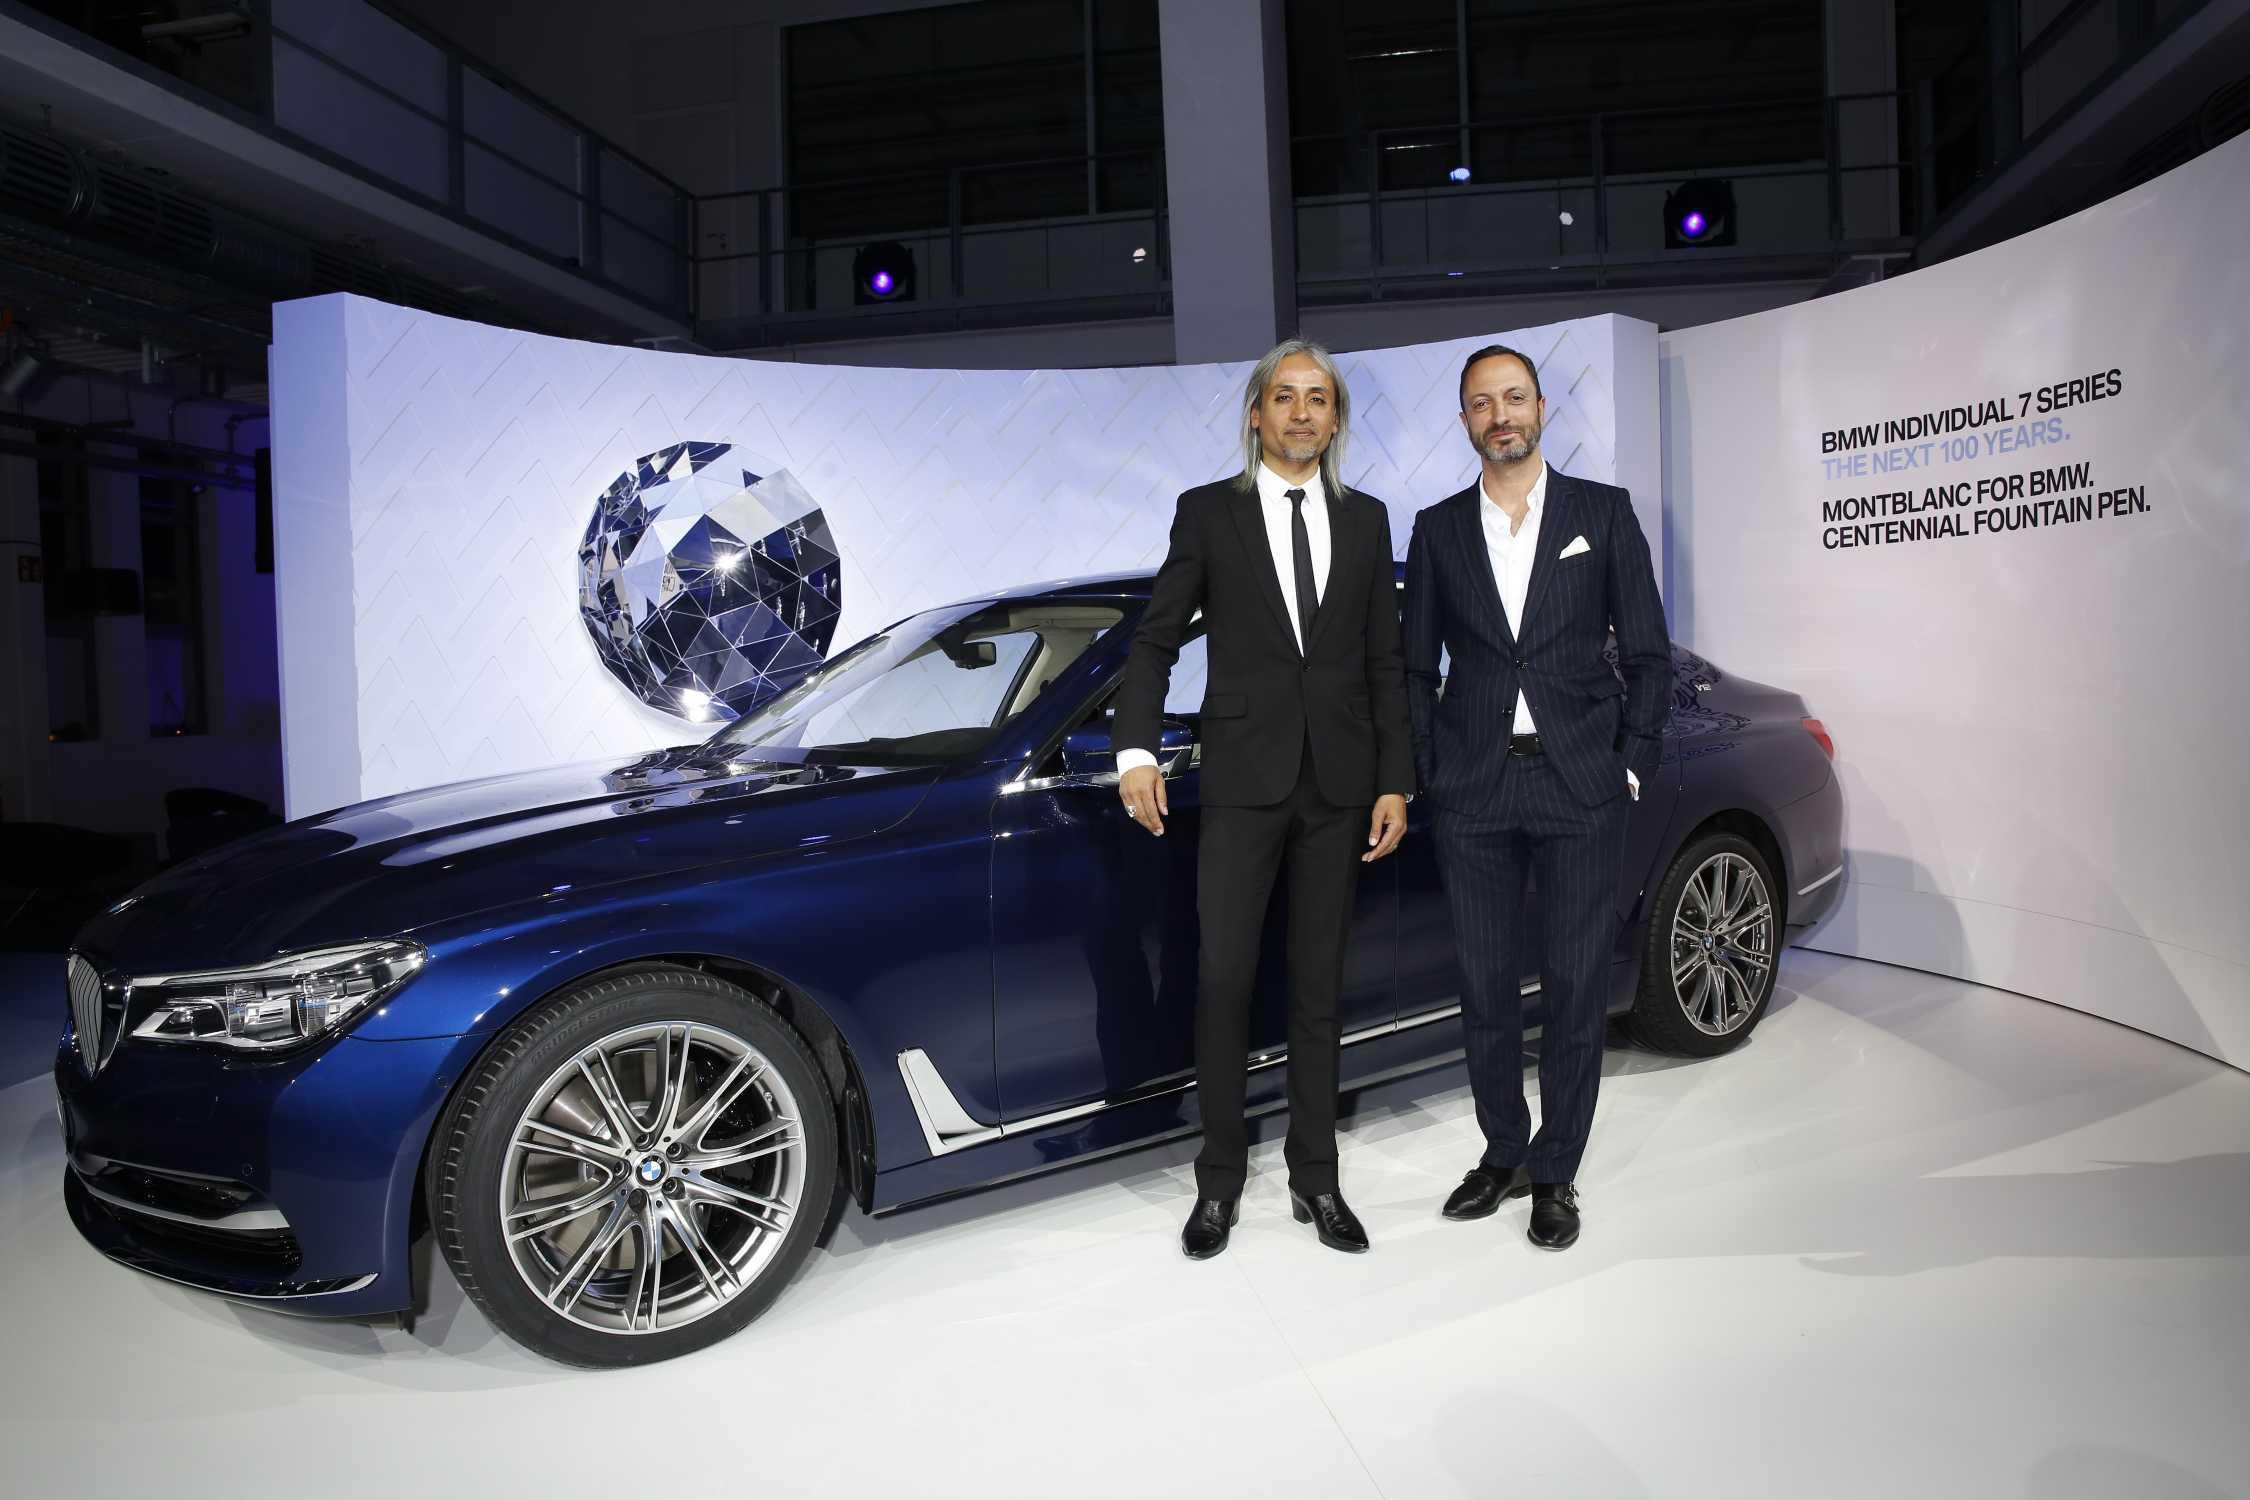 Zukunftsweisender Luxus Die BMW 7er Jubilaumsmodelle Individual THE NEXT 100 YEARS